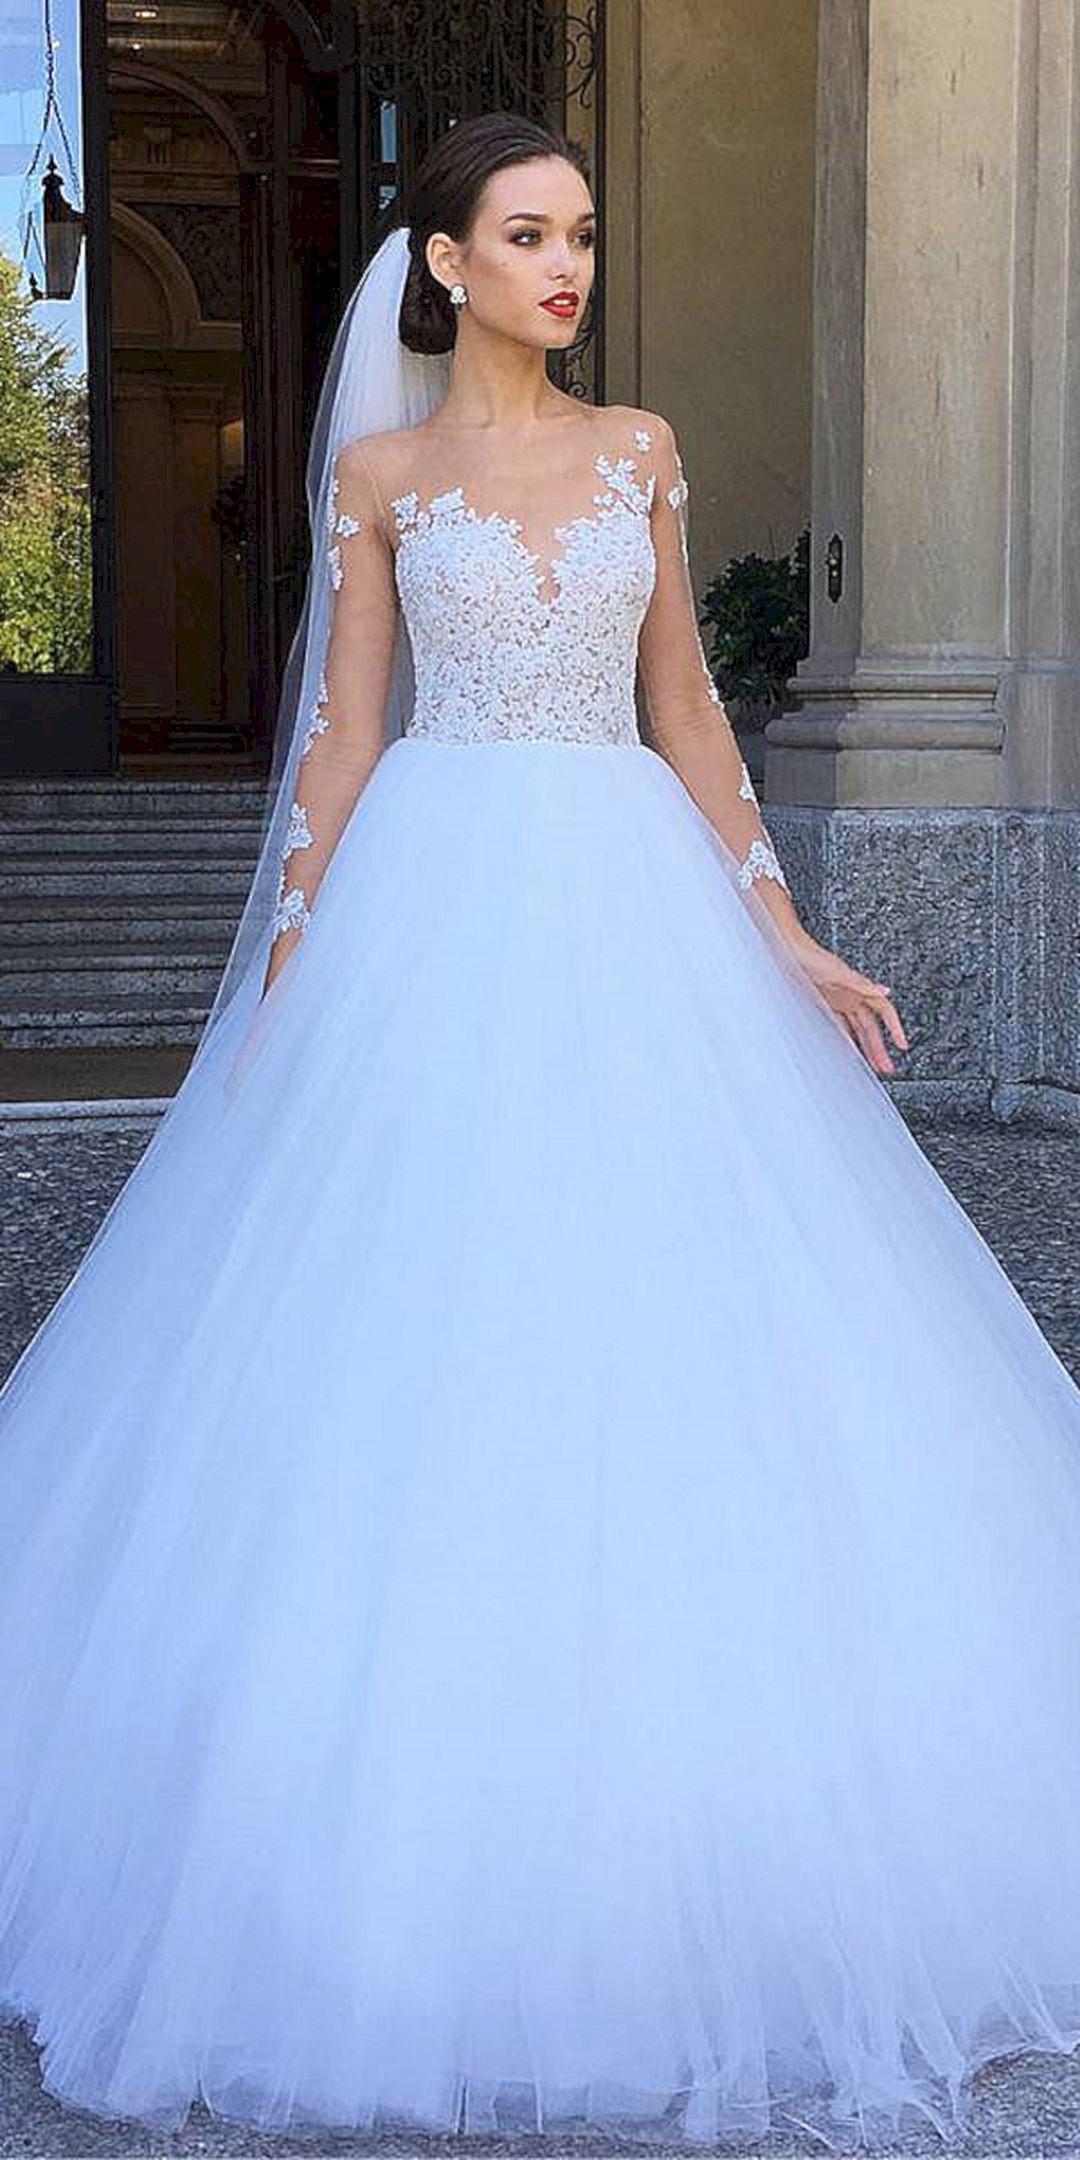 Gloomy 23 Comfortable Long Sleeve Ball Gown Wedding Dress